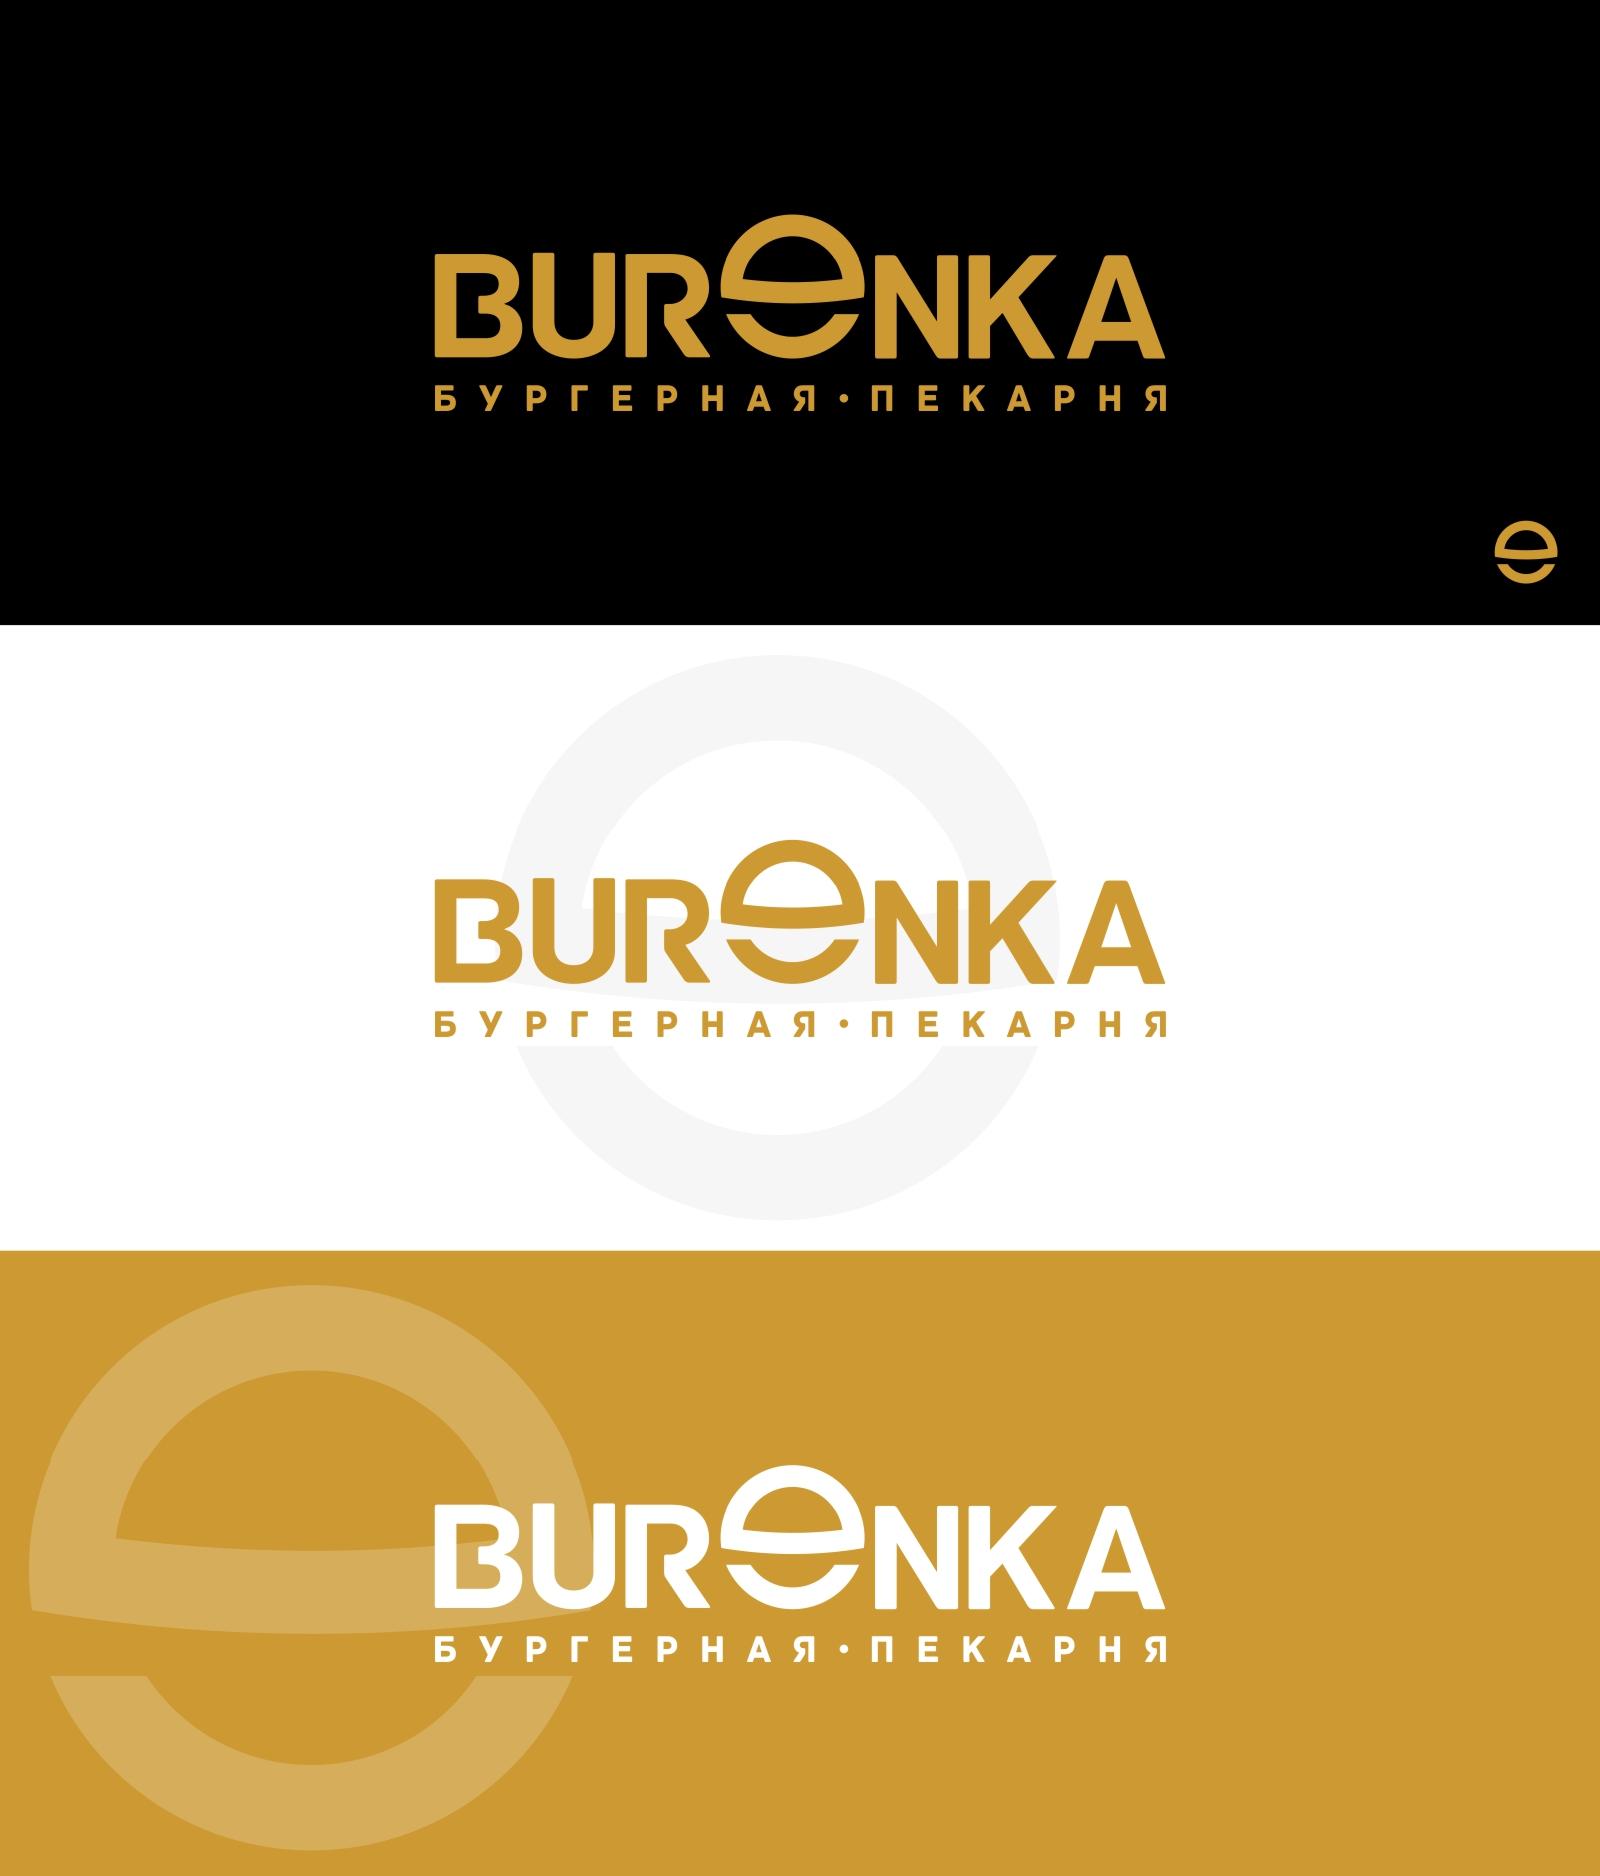 Логотип для Бургерной с Пекарней фото f_4455e1445d08da5d.jpg